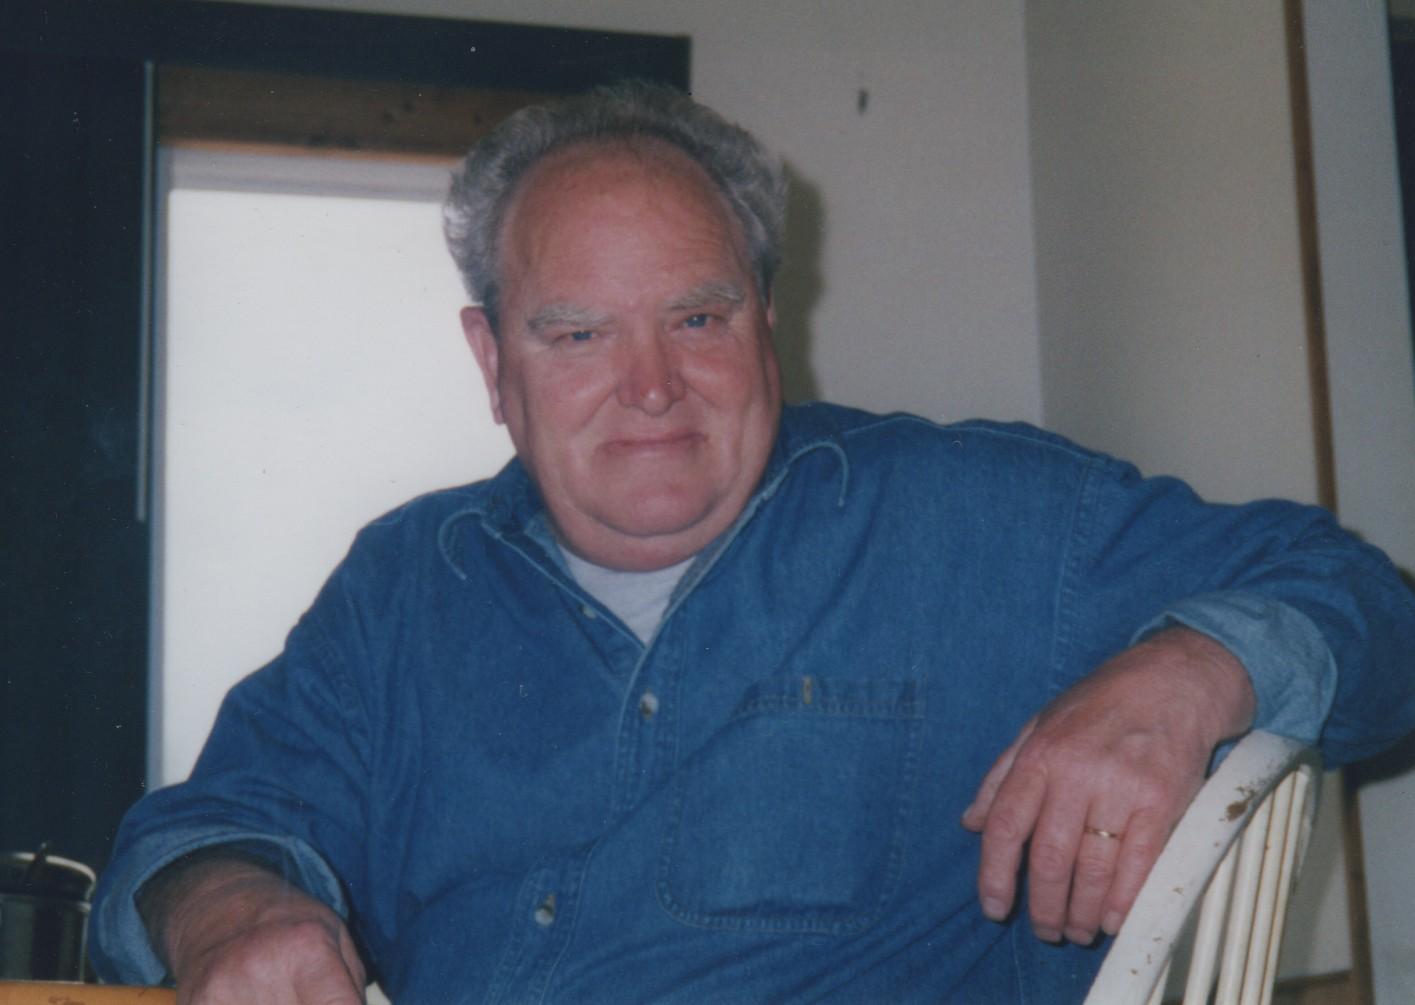 Donald L. Talarico